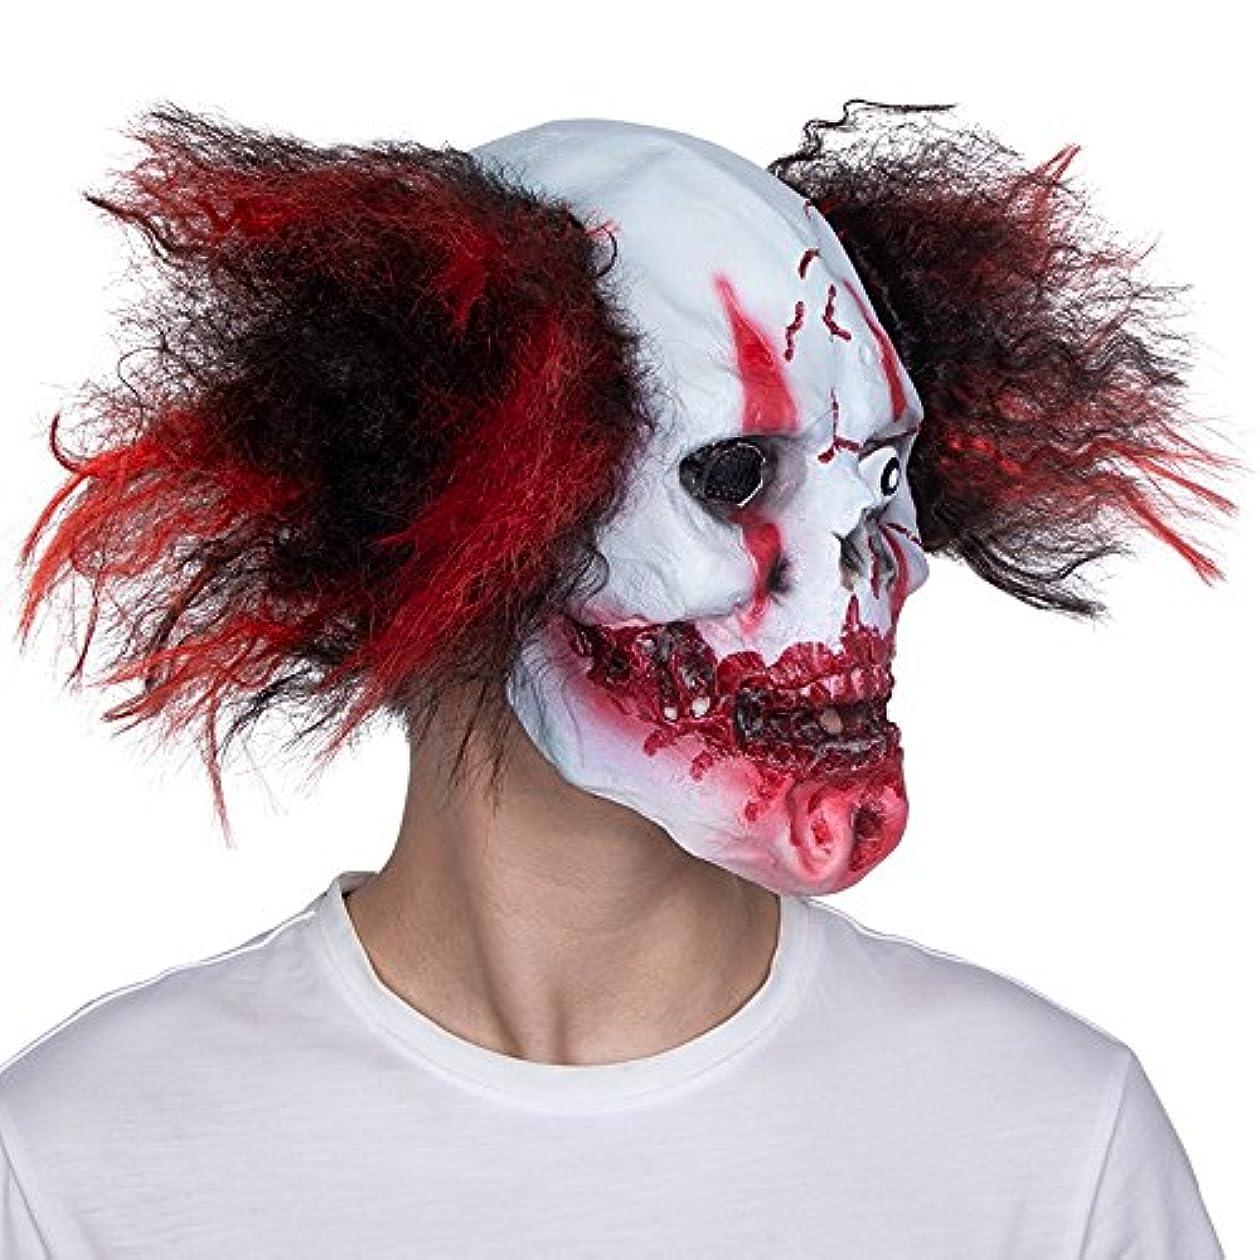 宣言川バックハロウィーンホワイトマスク大人男性フルフェイスホラー骷髅悪魔ラテックスフードなりすまし怖いマスクダンス